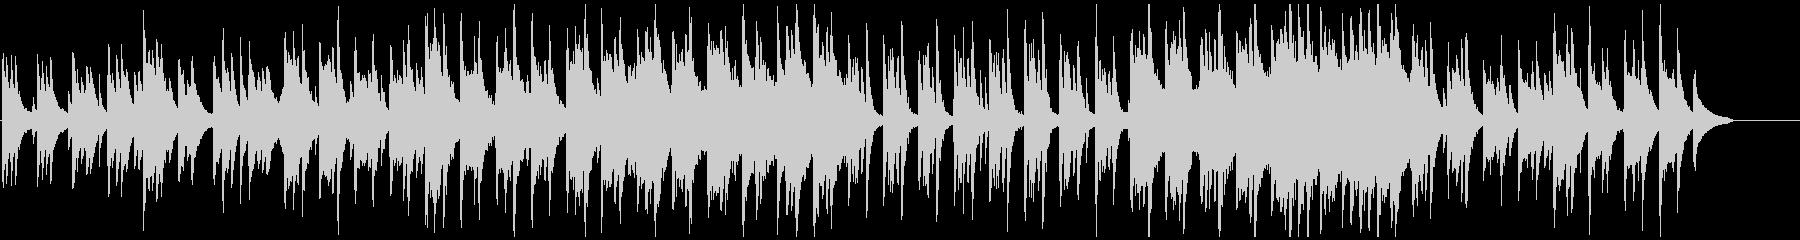 草原のようなピアノベースのバラードBGMの未再生の波形